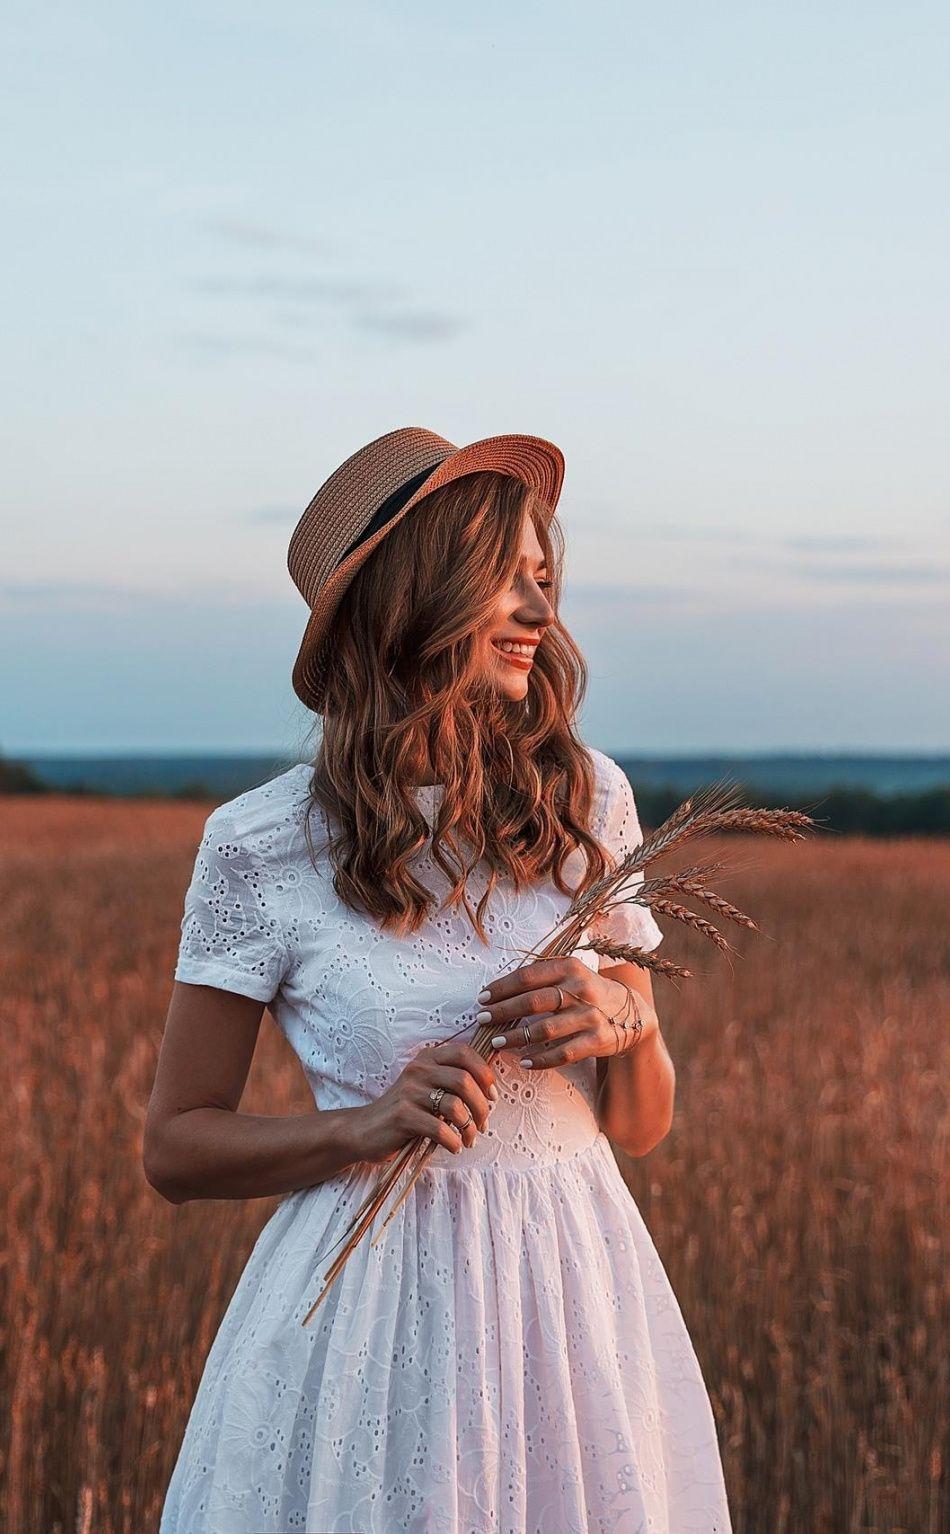 Makeup for black dress green eyes  Wheat farm smile white dress woman model x wallpaper